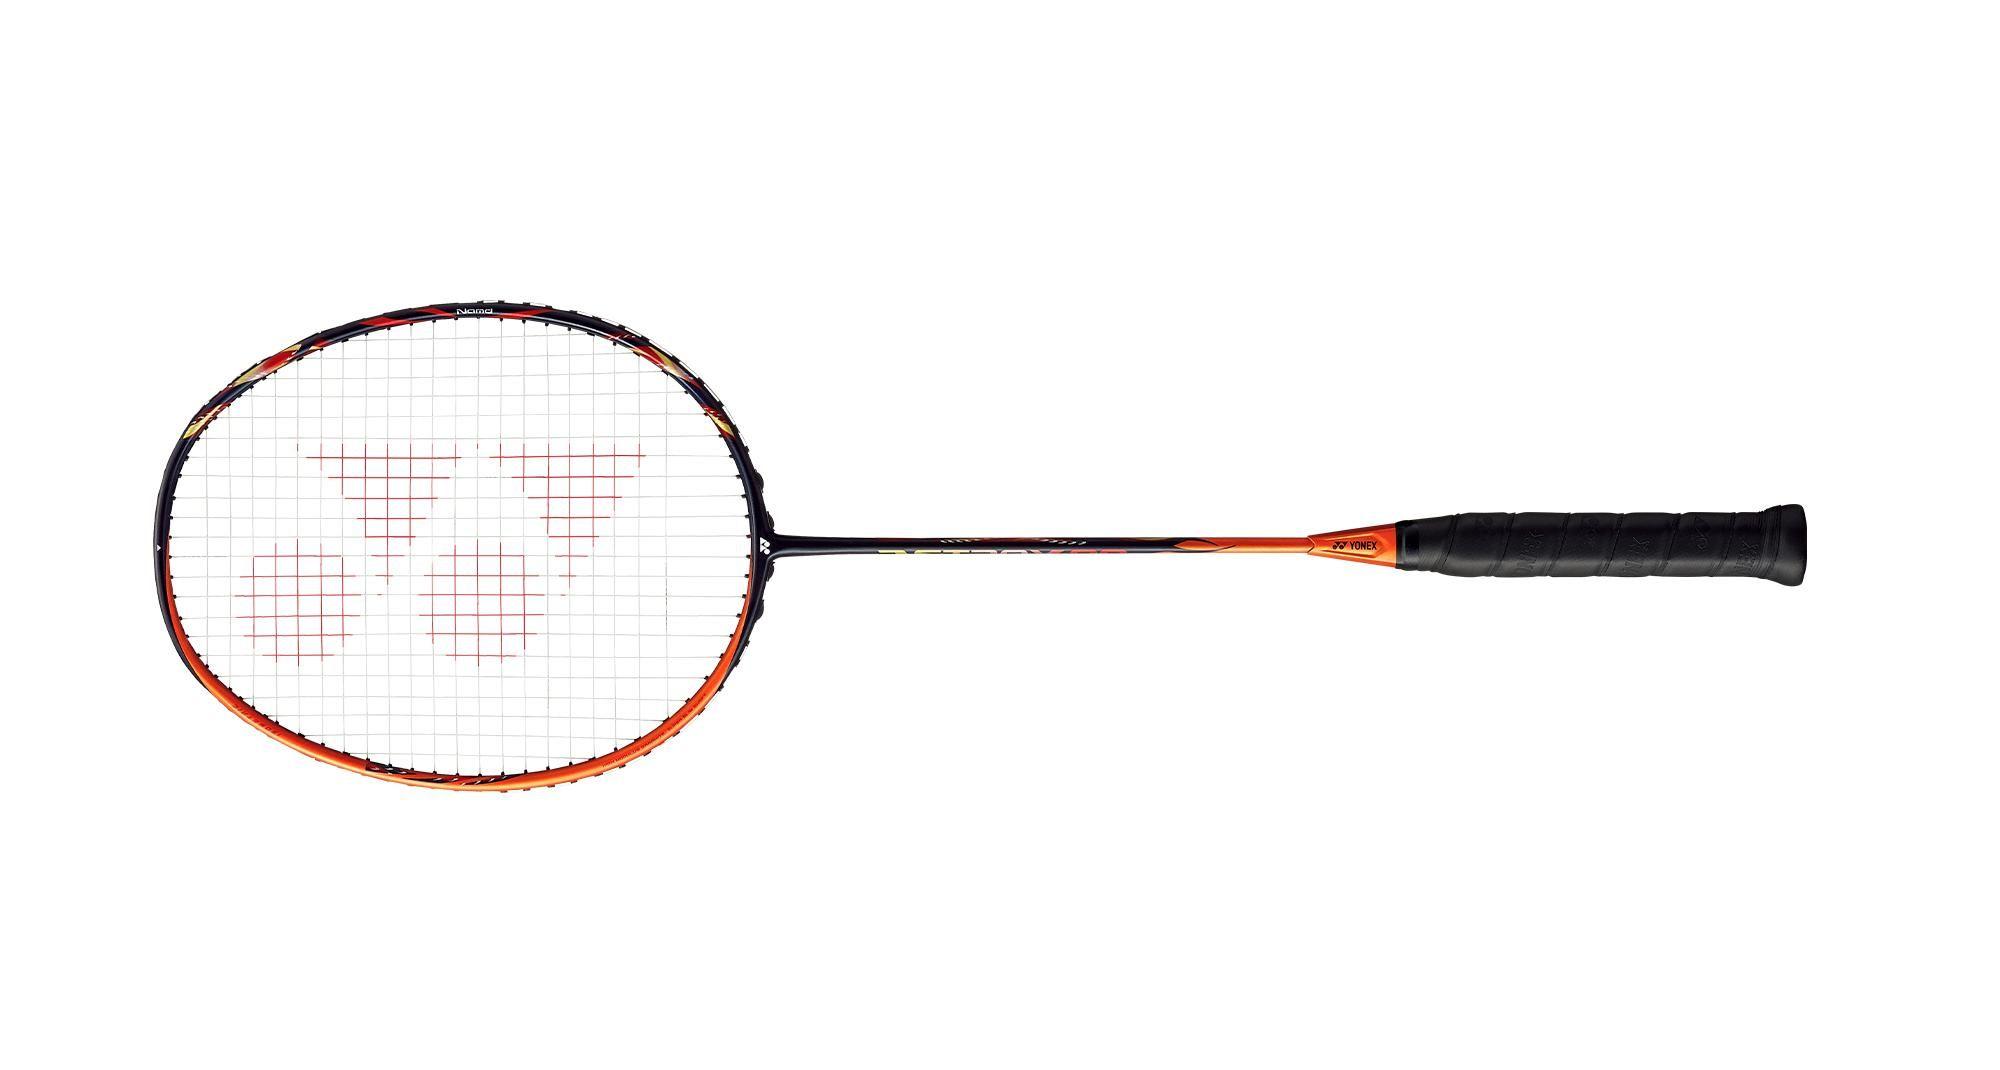 Astrox 99 Yonex Badminton Tennis